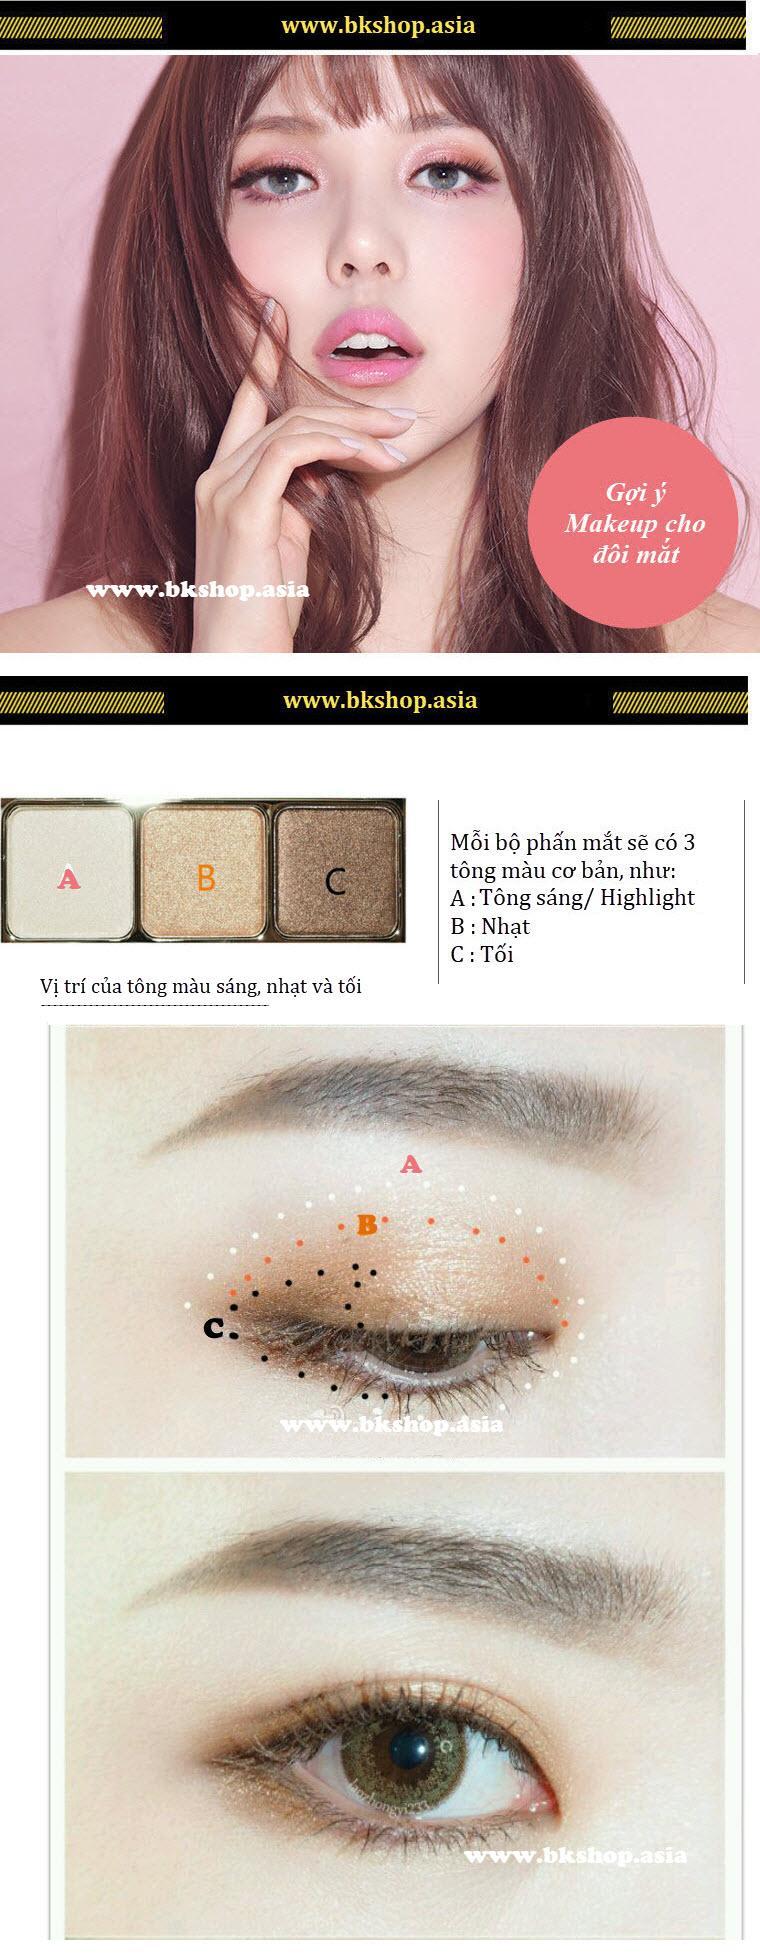 how eyemakup2